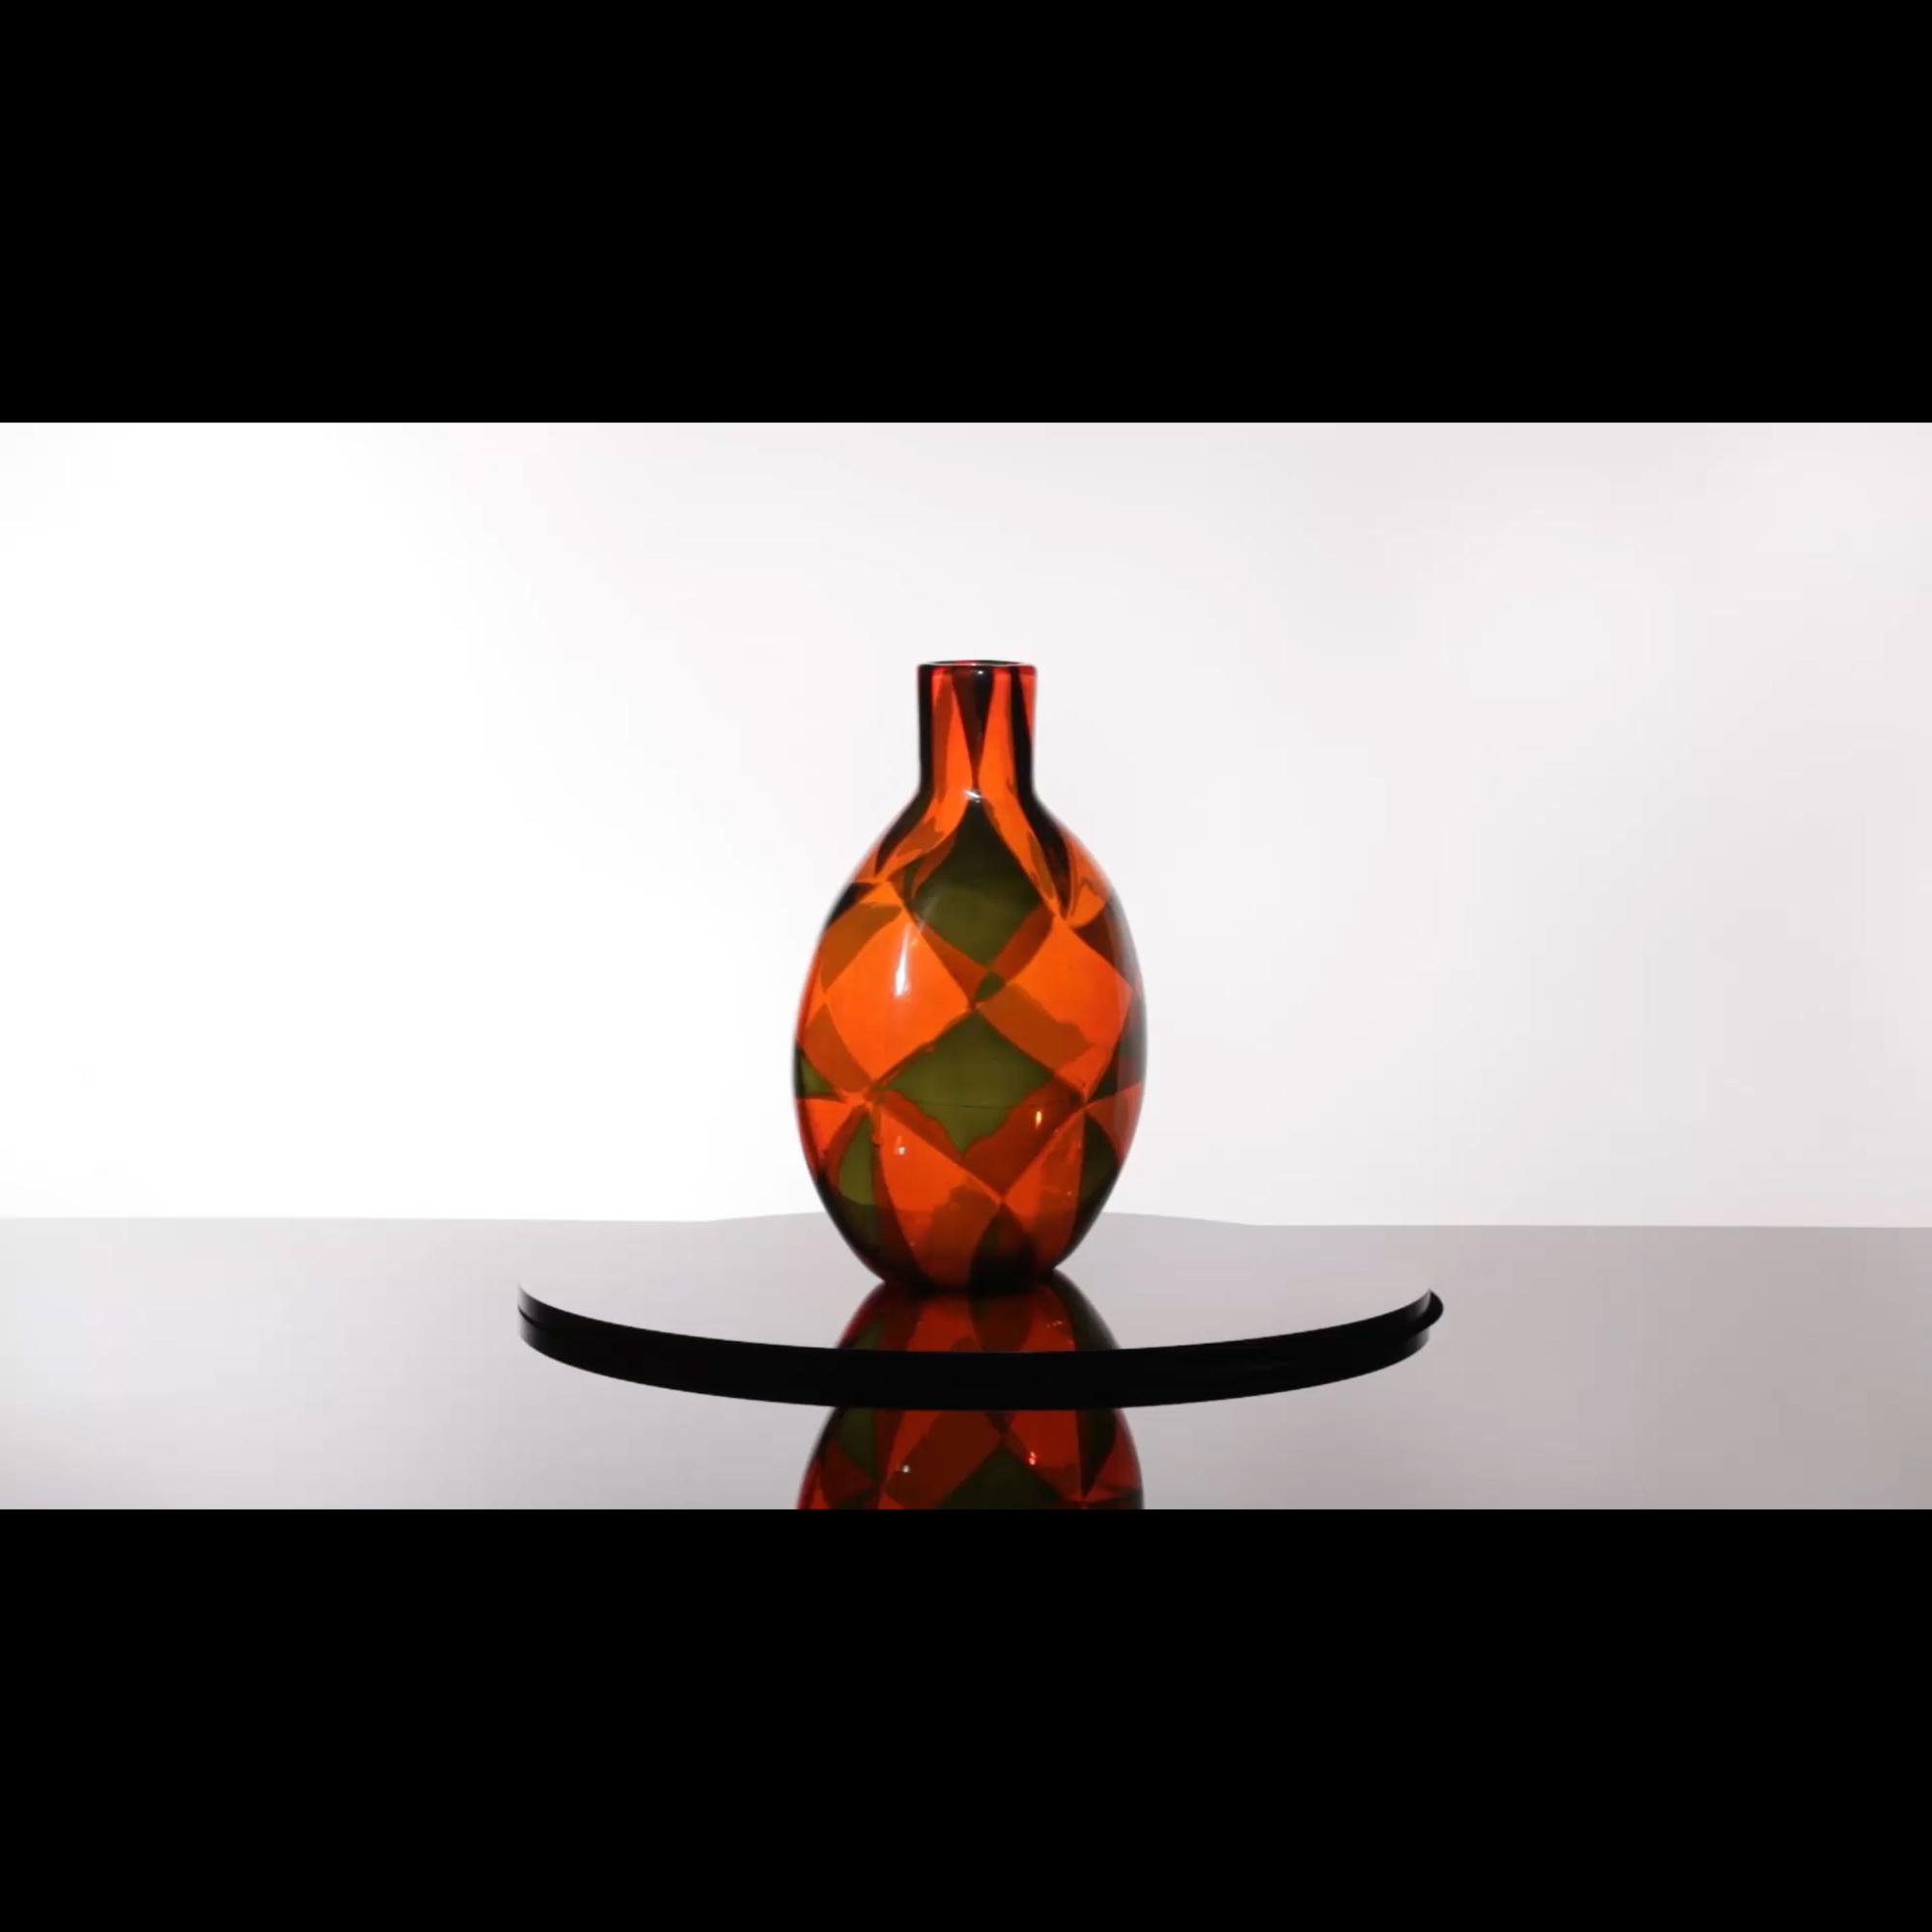 37: Ercole Barovier / Tessere Ambra vase (1 of 5)